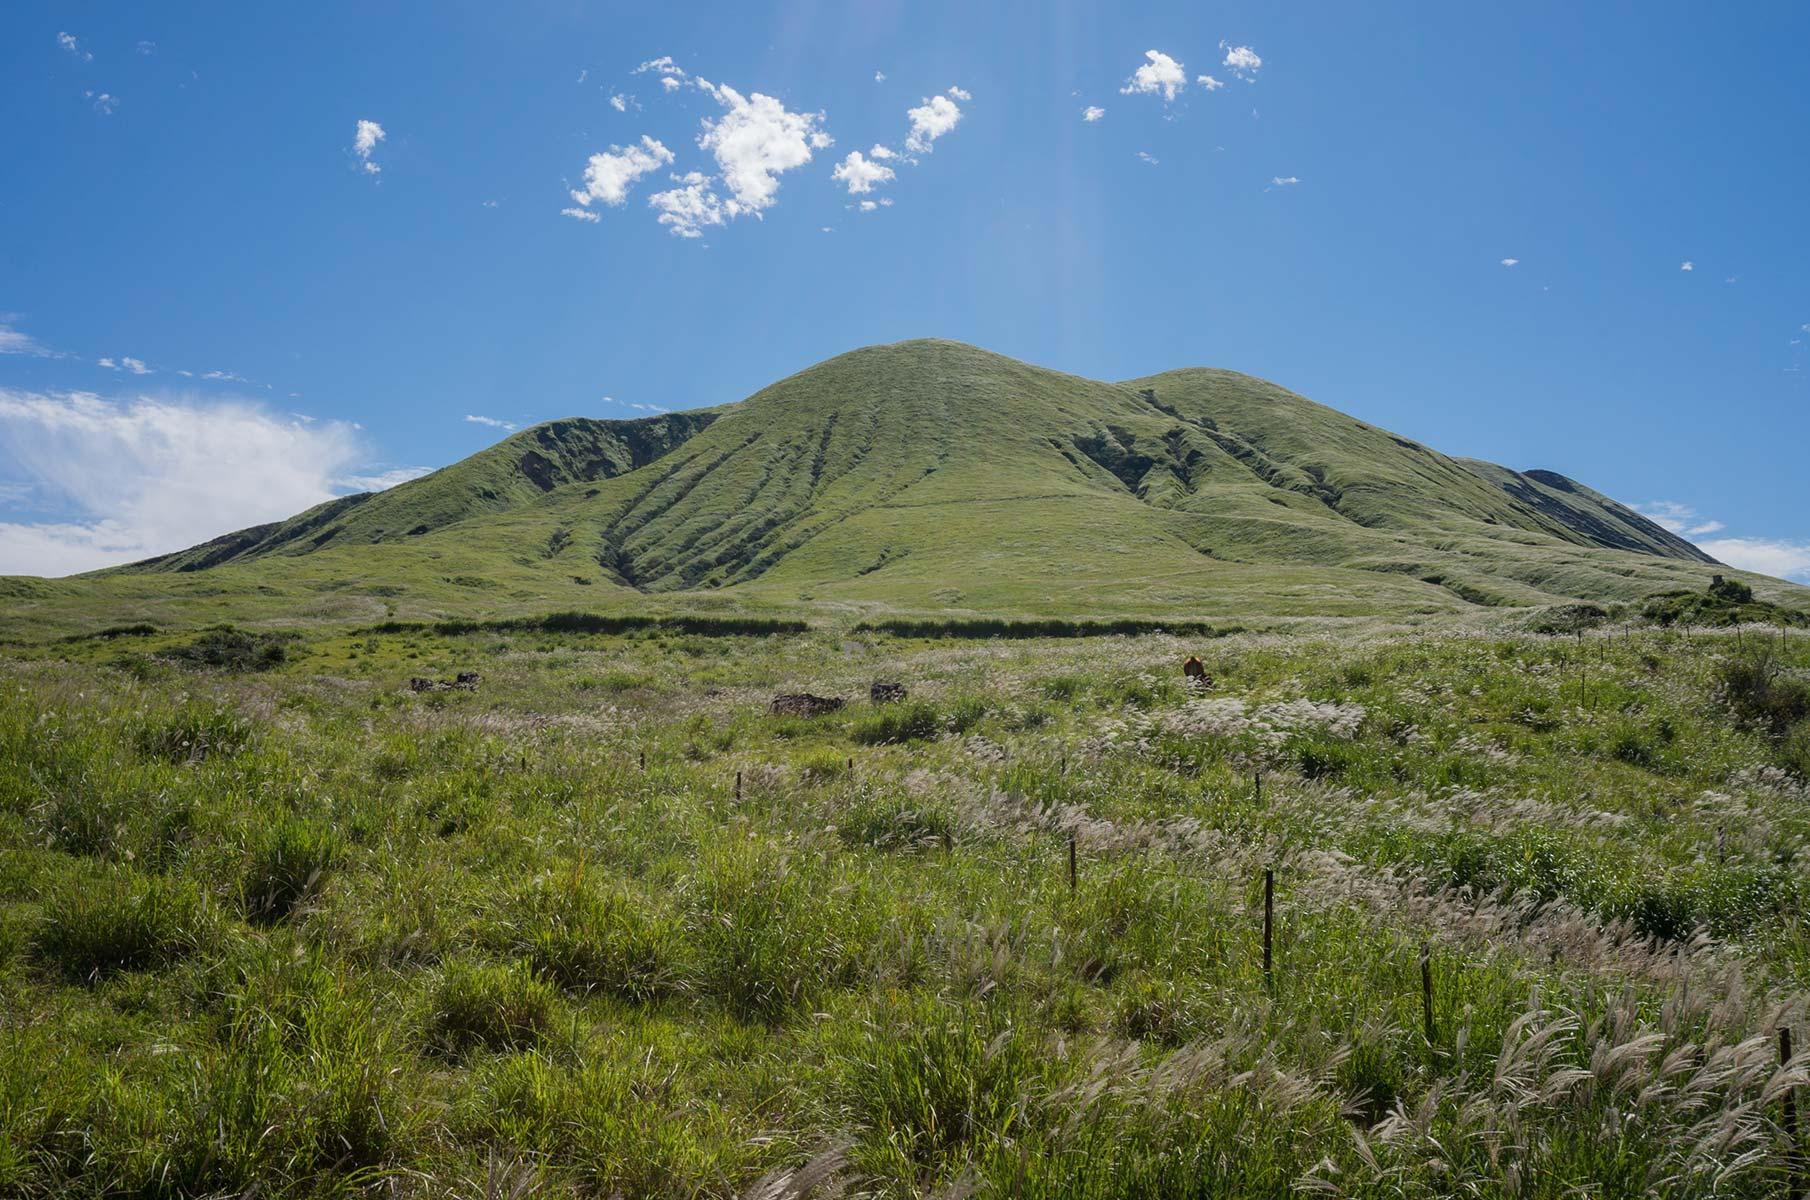 Mt. Ojodake in der Mt. Aso Gras- und Vulkanlandschaft, Japan